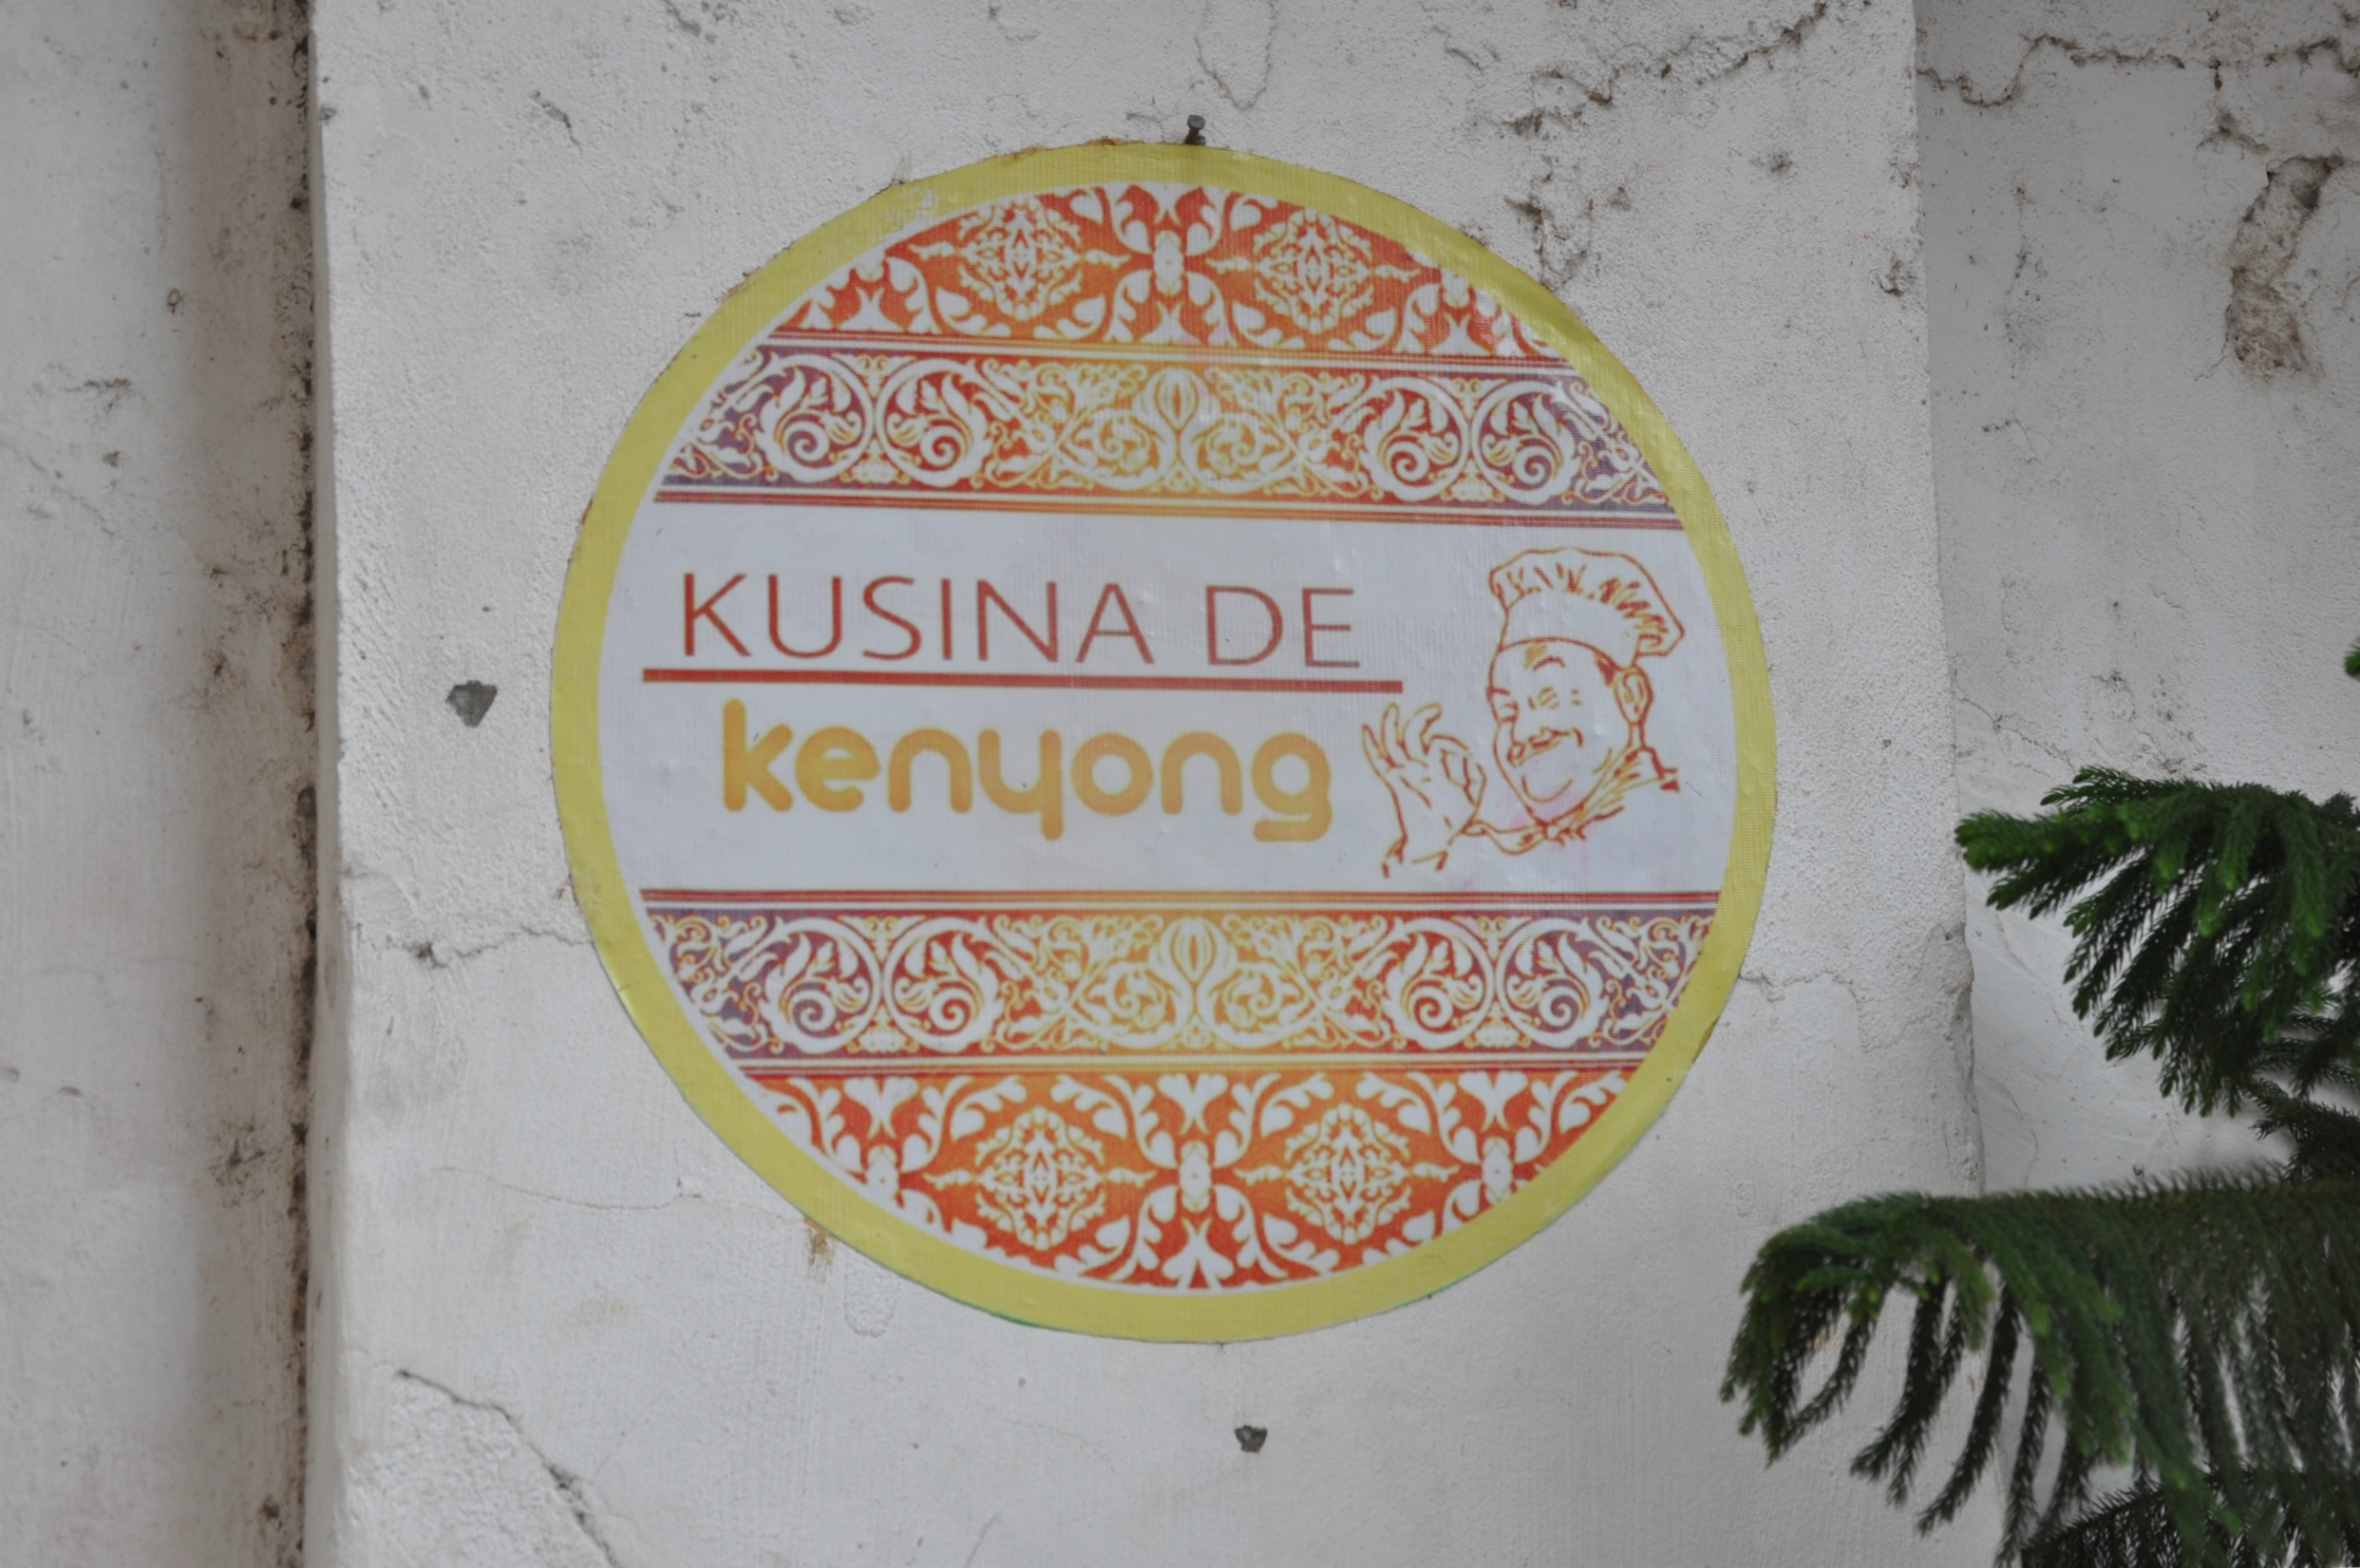 Kusina de Kenyong